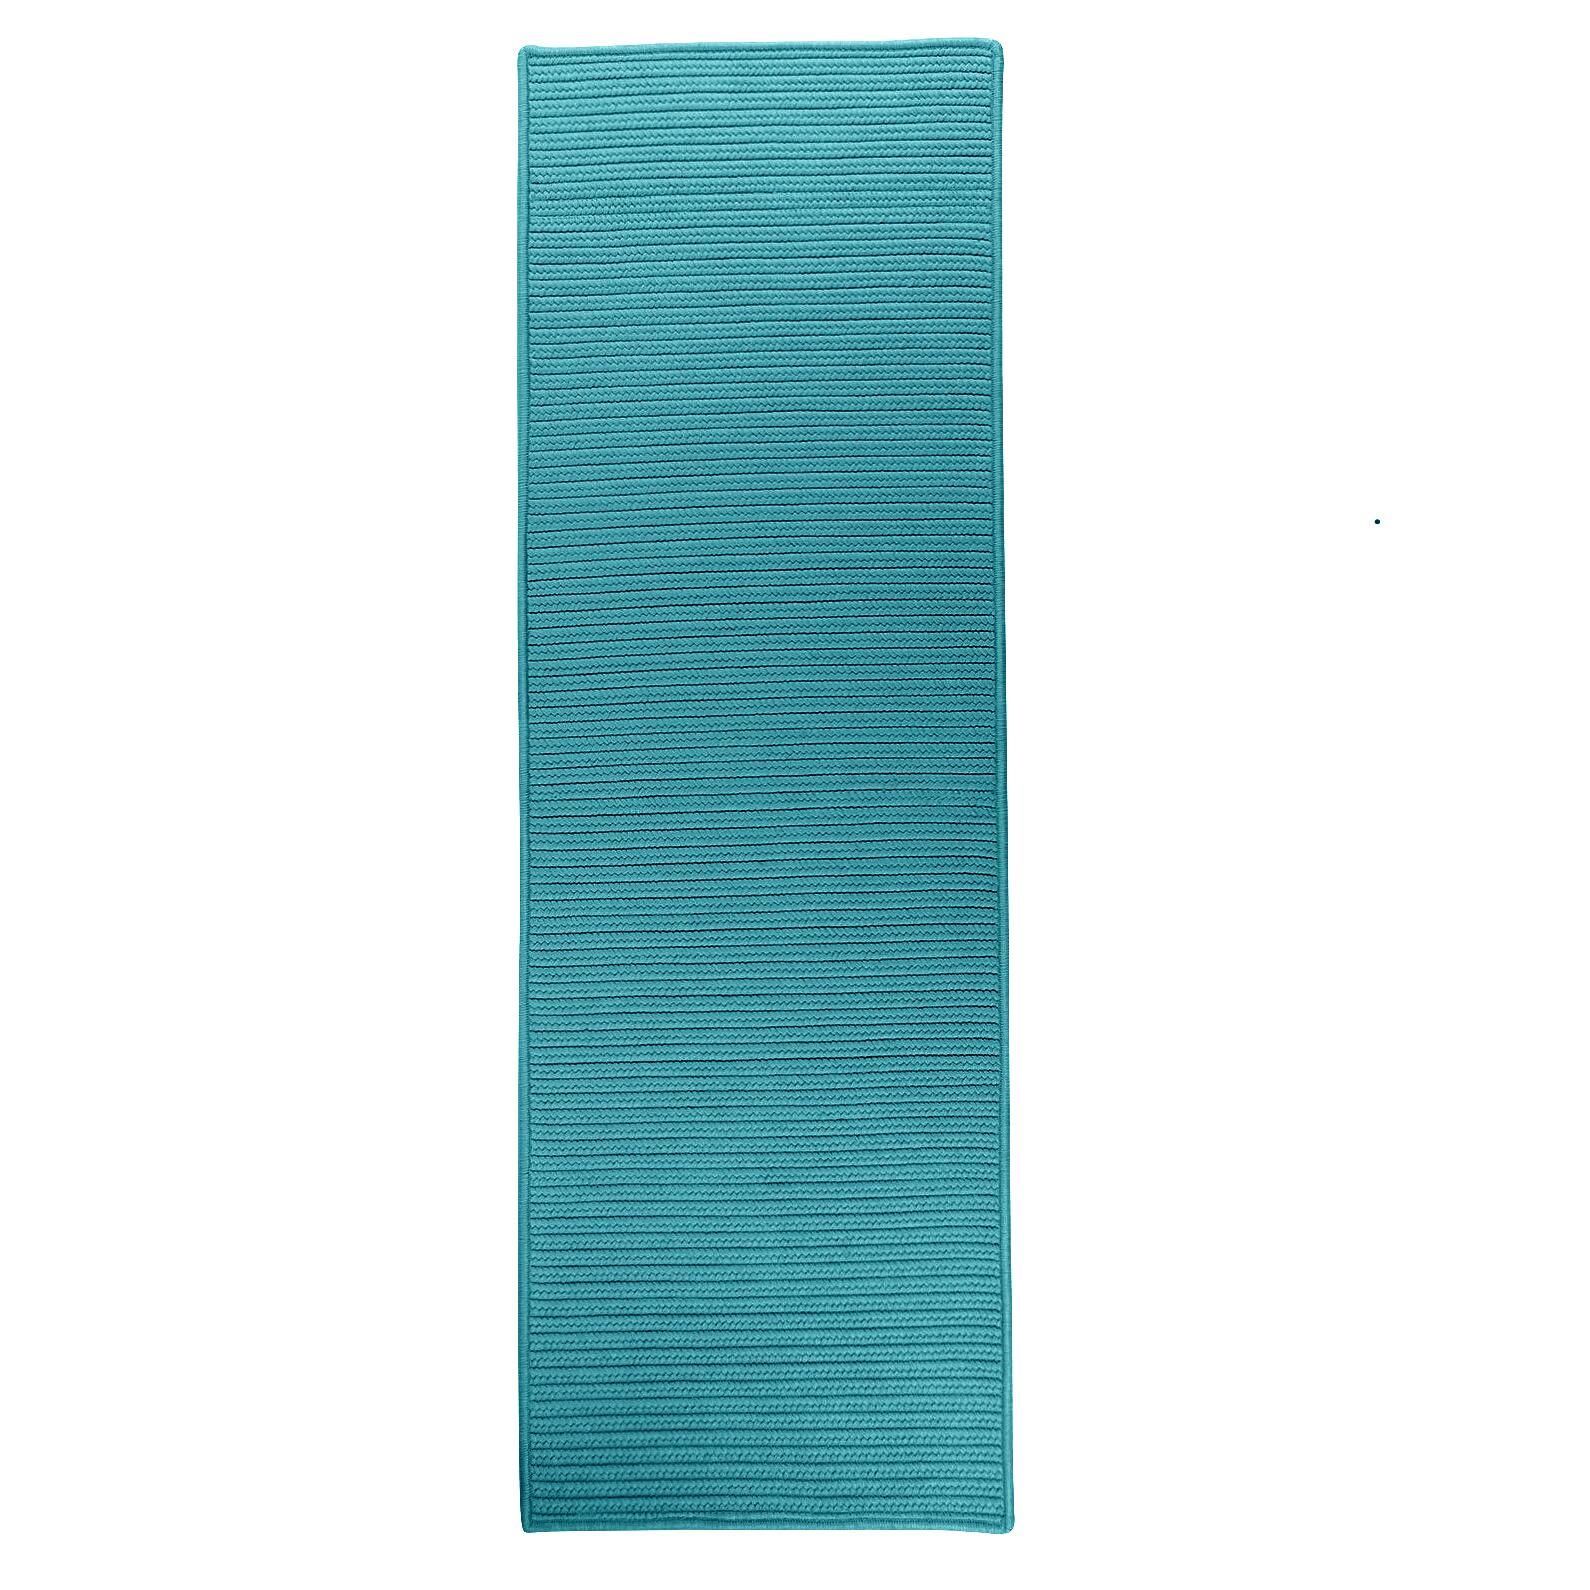 Julissa Reversible Hand-Braided Green Indoor/Outdoor Area Rug Rug Size: Runner 2'4